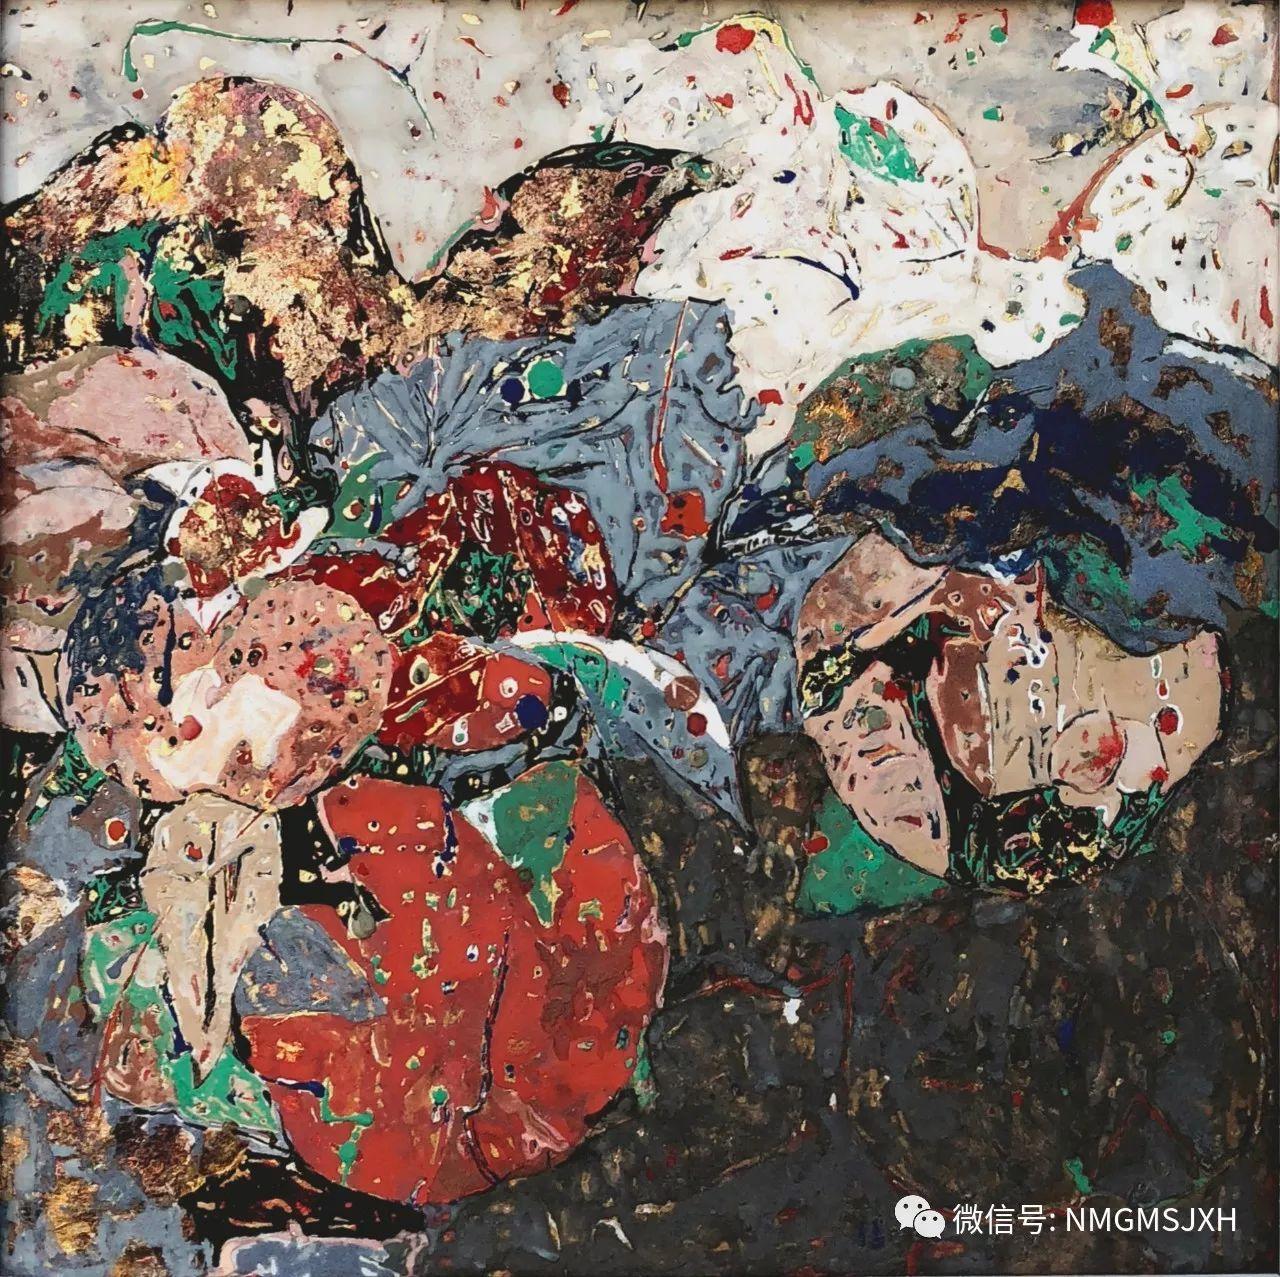 内蒙古美术新人新作展作品(三) 第14张